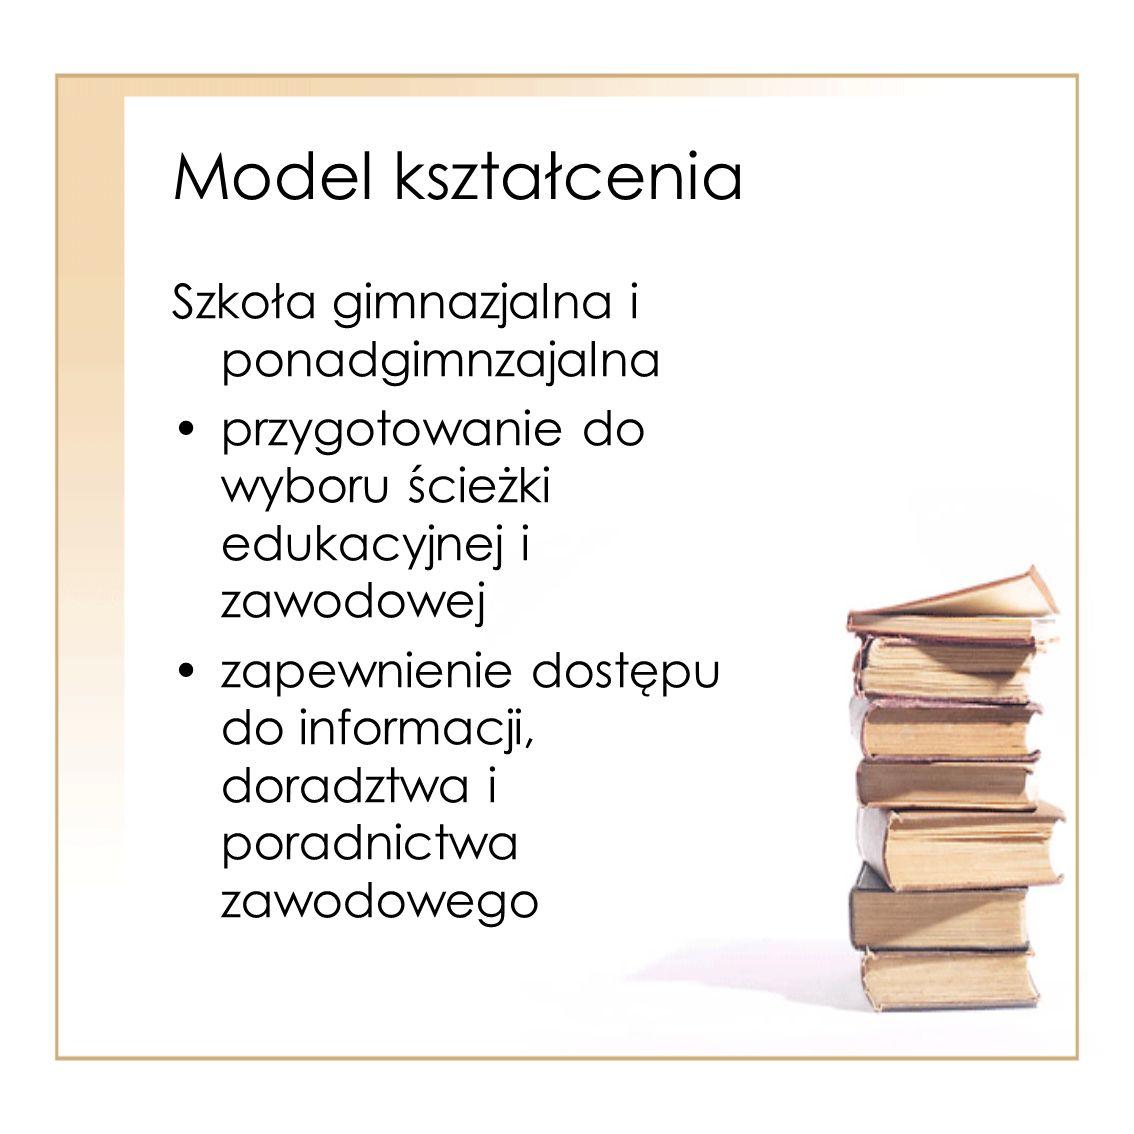 Opinia/informacja W poradni można uzyskać na pisemny wniosek rodzica opinię / lub informację o wynikach diagnozy specjalisty w szczególności psychologa, pedagoga, logopedy, doradcy zawodowego.